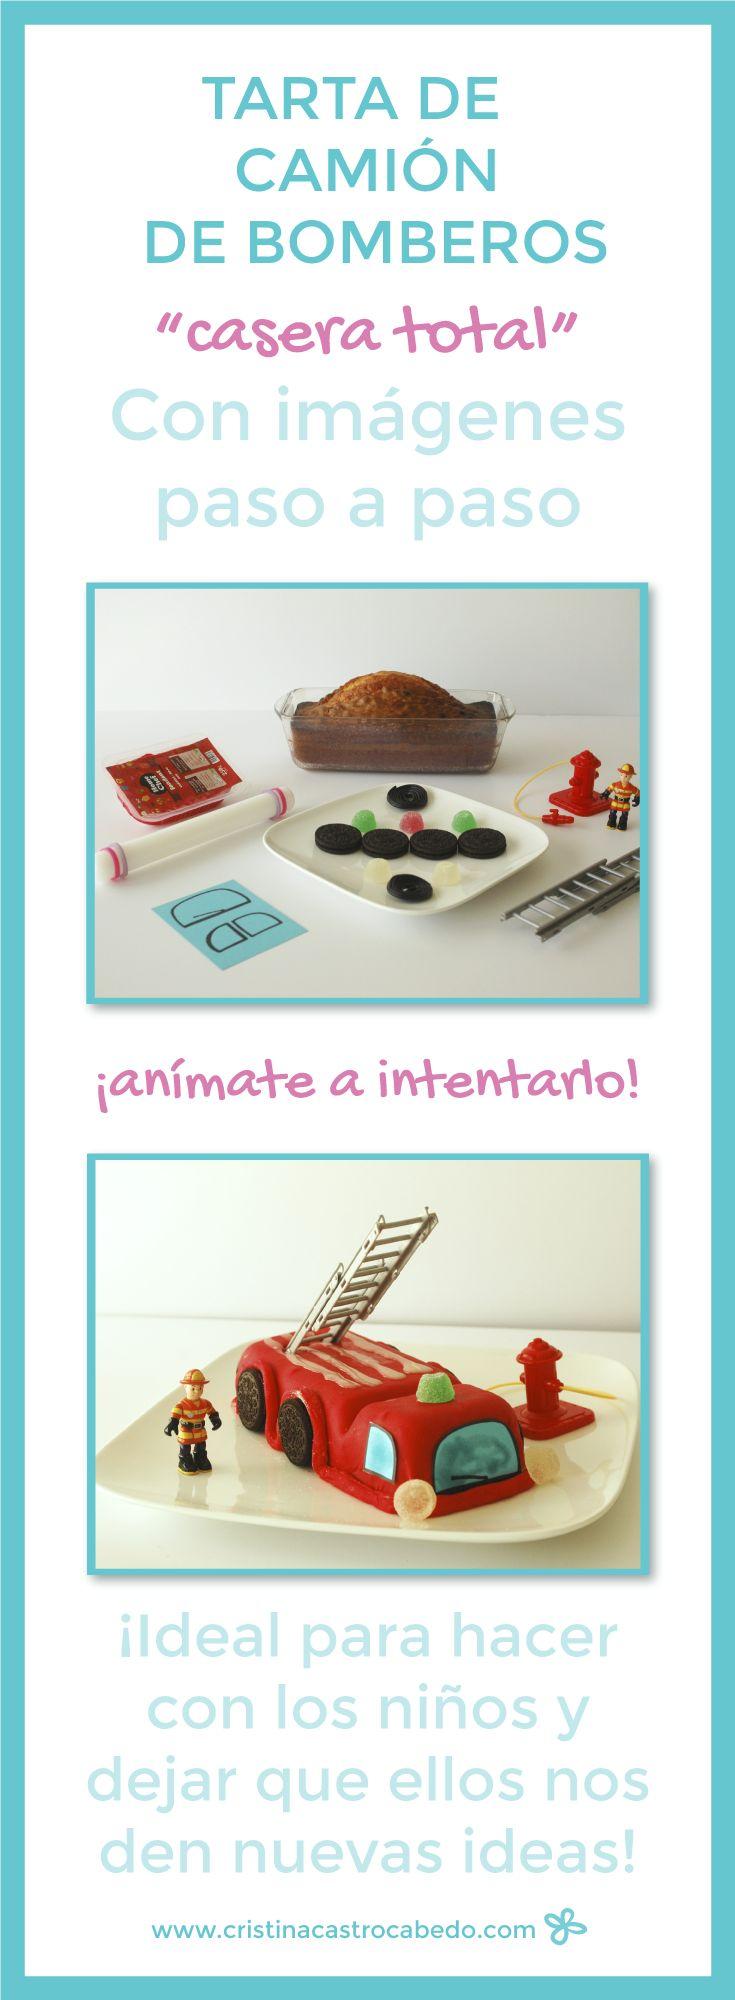 Cómo hacer una tarta de camión de bomberos super fácil. Con muchas fotos paso a paso. Ideal para hacer con los niños. Todo en http://www.cristinacastrocabedo.com